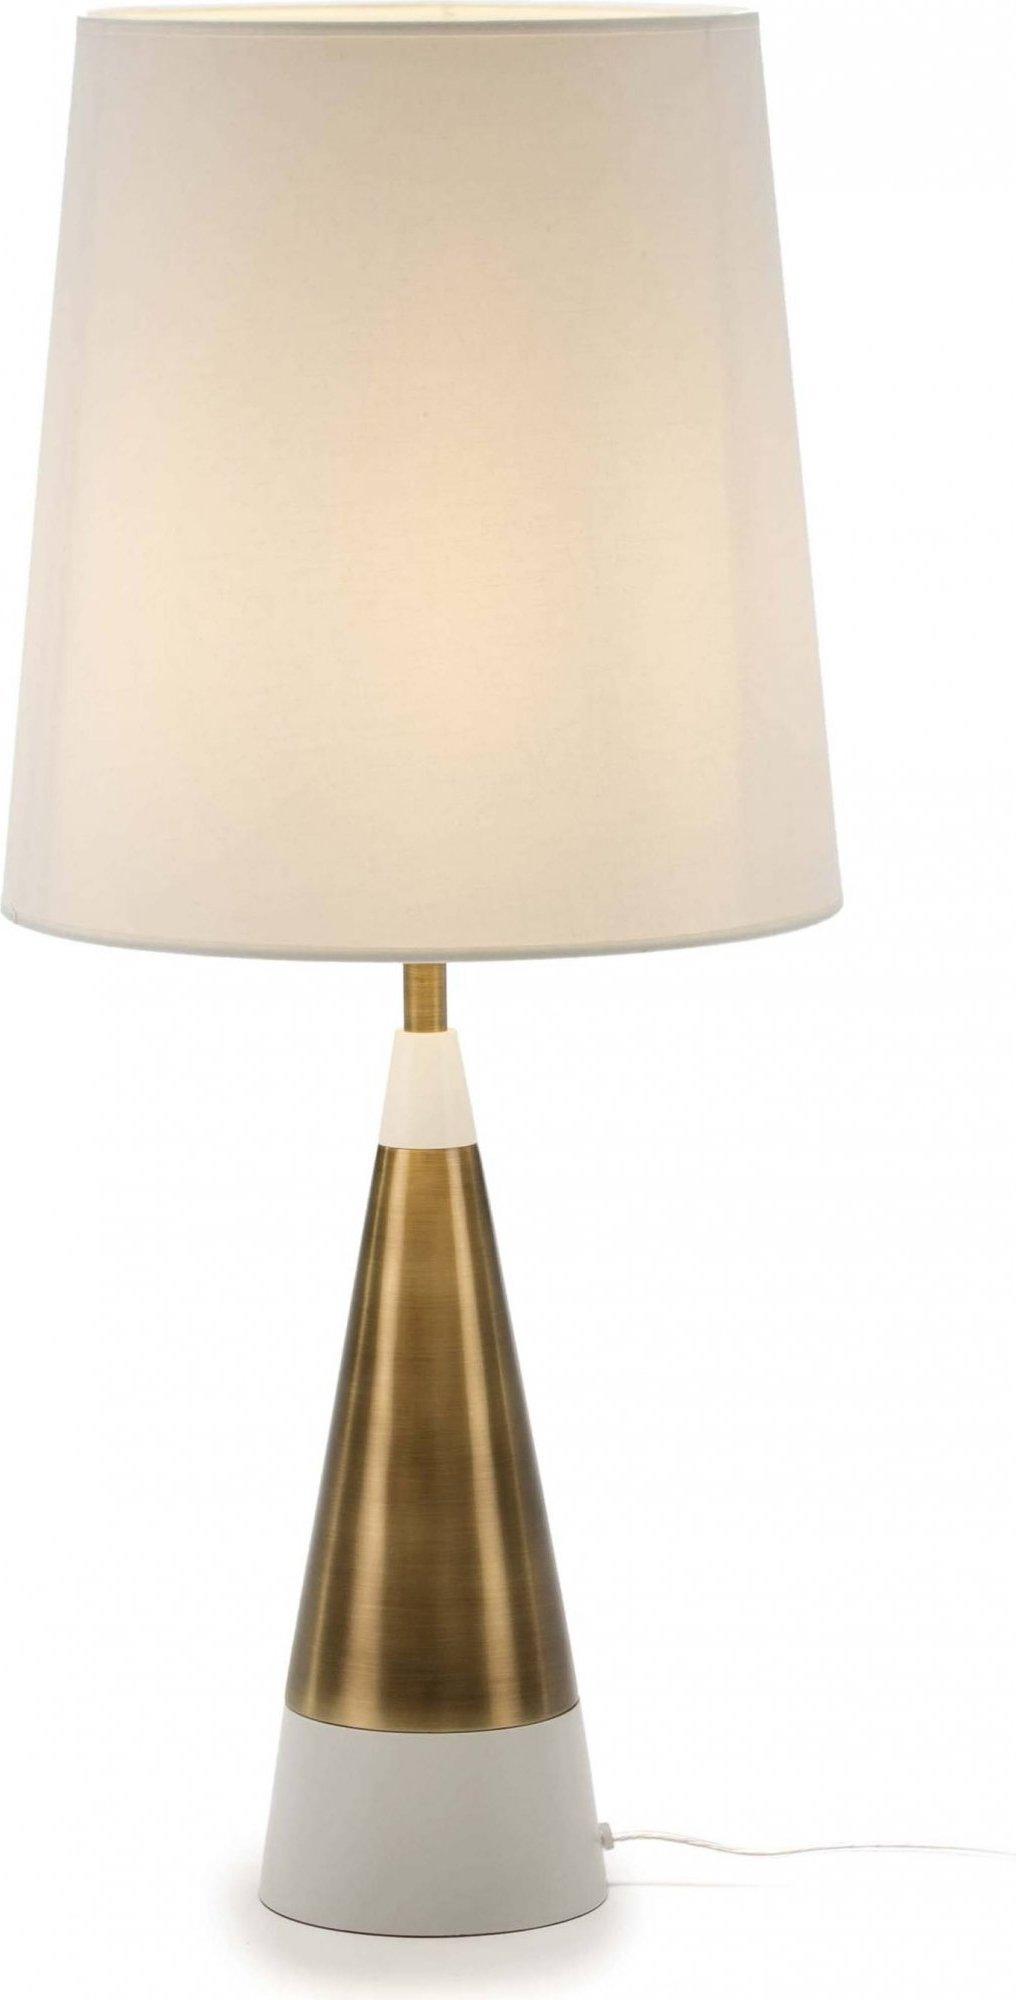 Lampe de table design couleur dorée